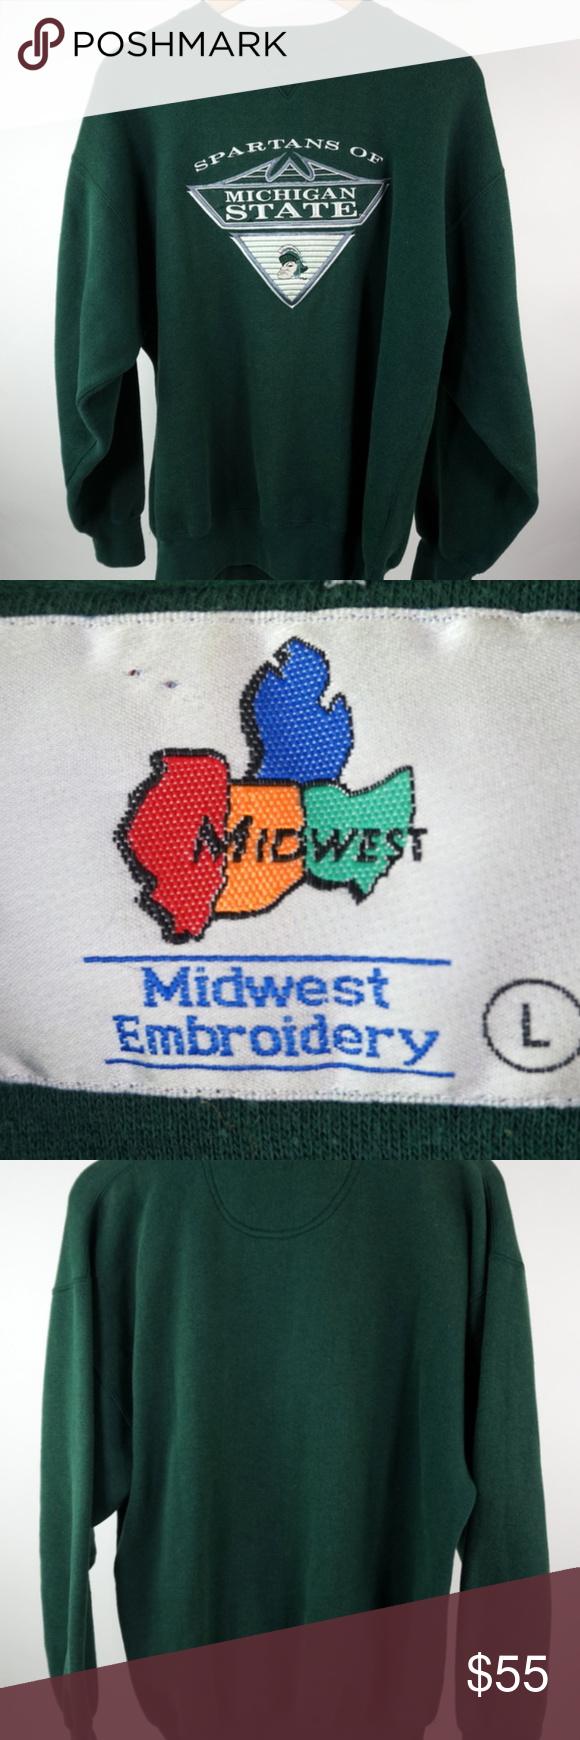 Vtg Michigan State Spartans Gruff Sweatshirt Sz L Michigan State Spartans Michigan State Sweatshirts [ 1740 x 580 Pixel ]